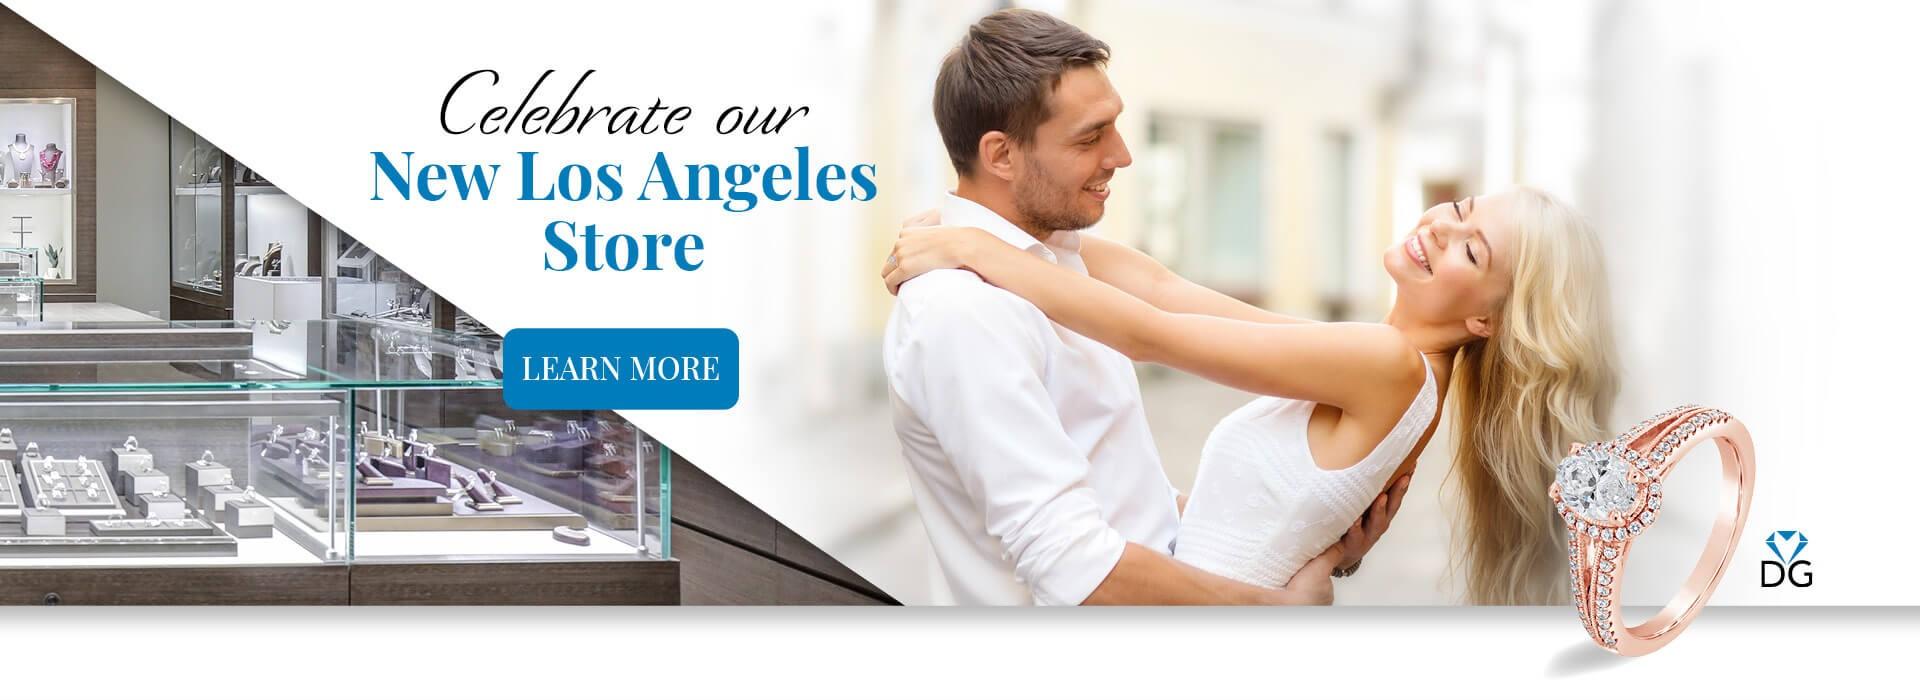 New Store in LA